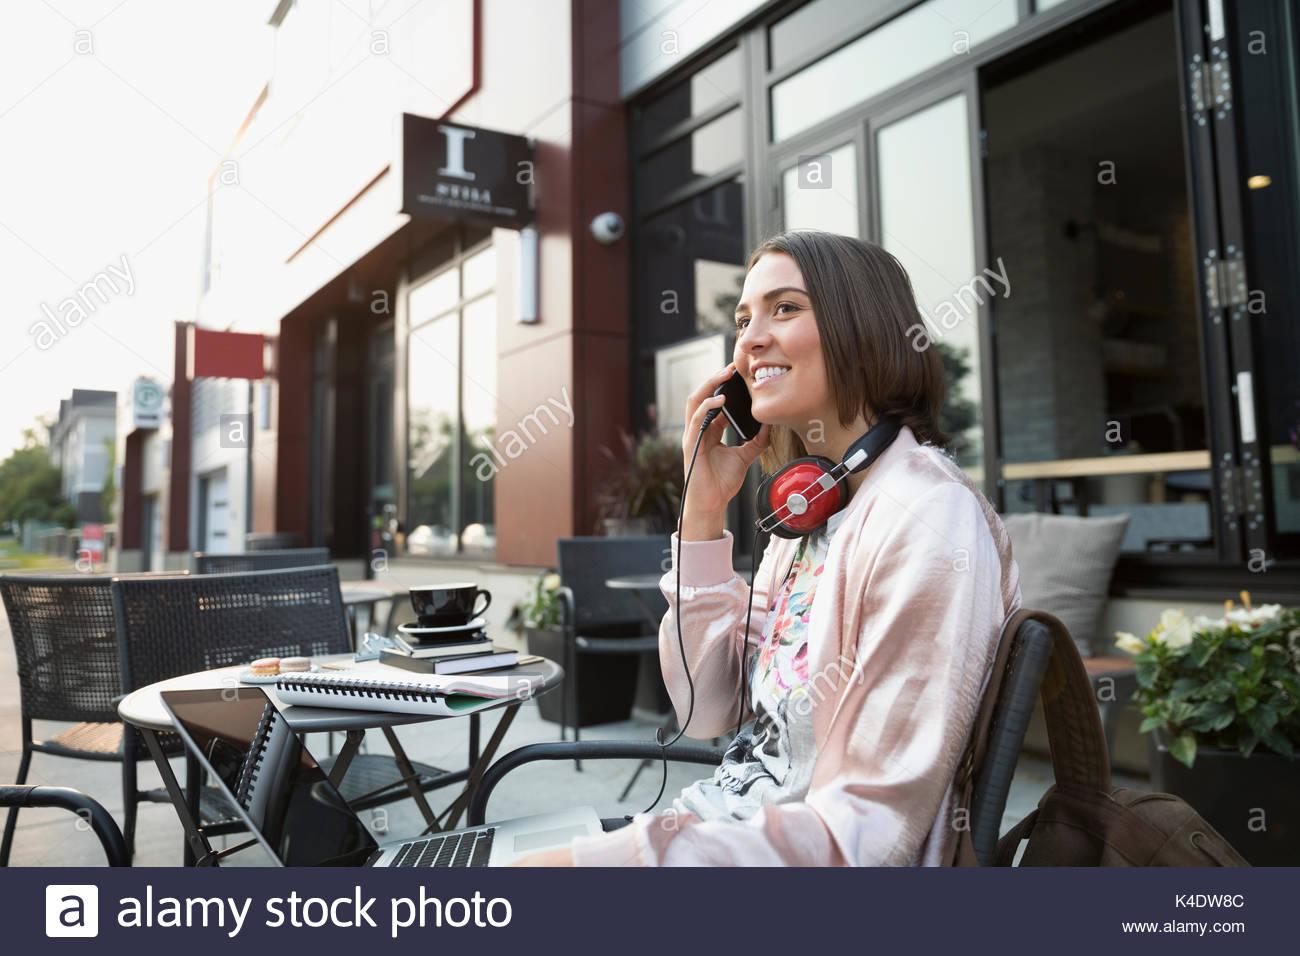 Lächelnd brünette Frau mit Kopfhörer Gespräch am Handy mit Laptop im Straßencafé Stockbild